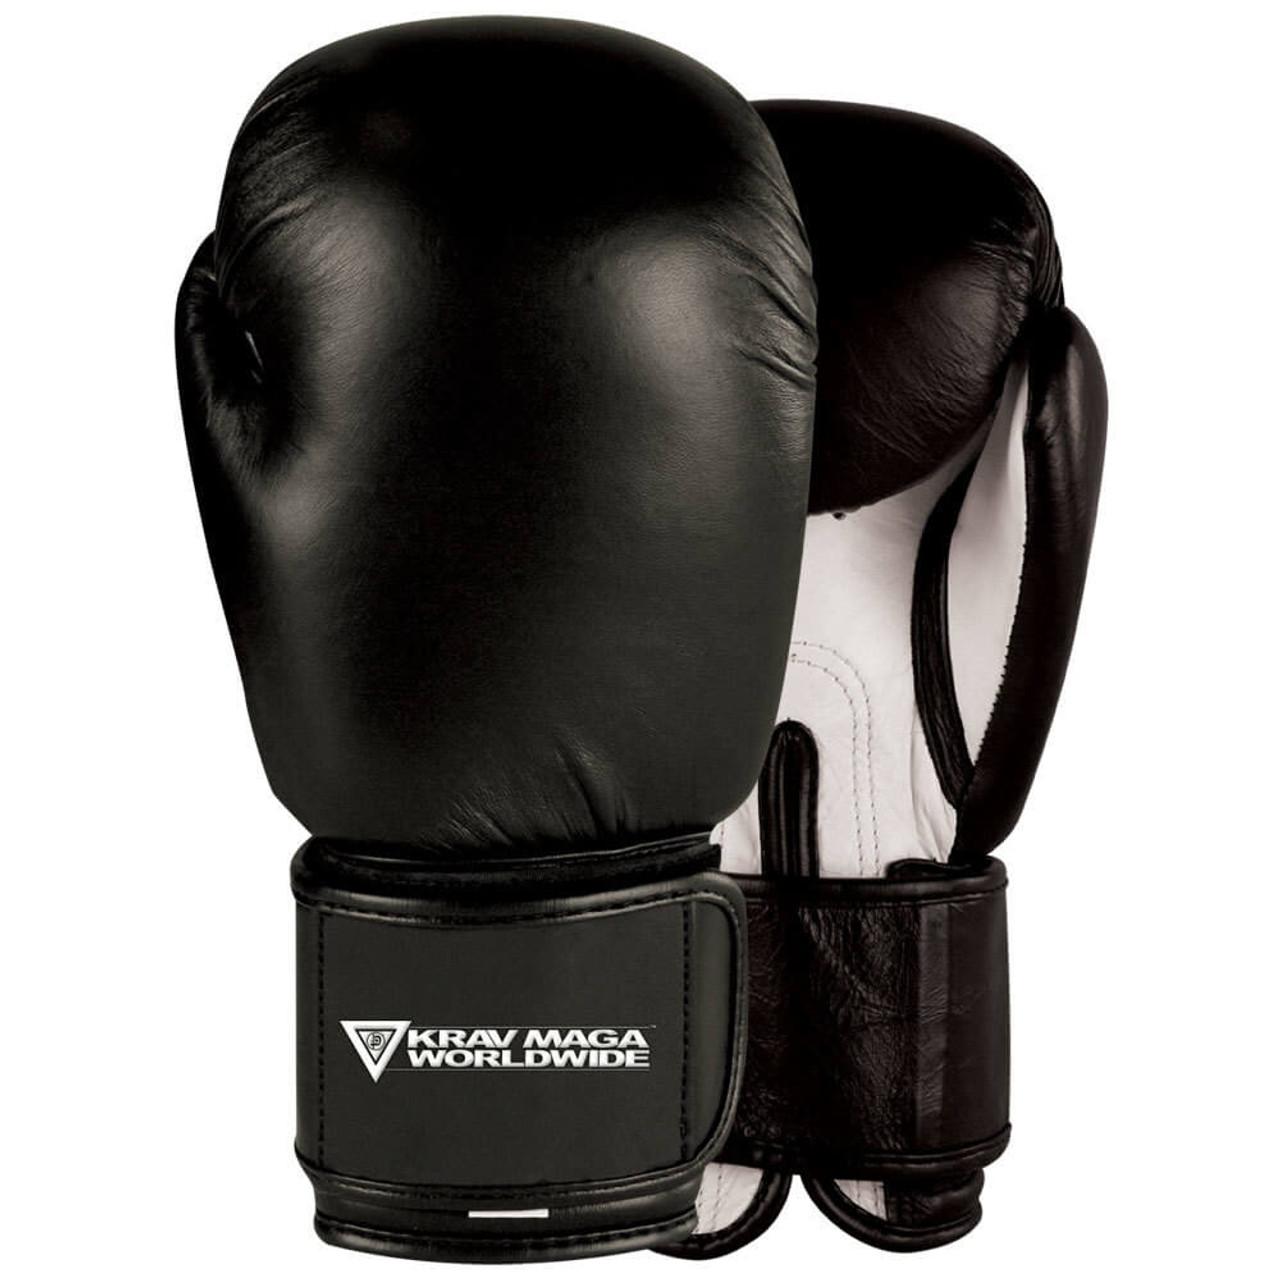 Krav Maga Black Elite Sparring Training Boxing Gloves